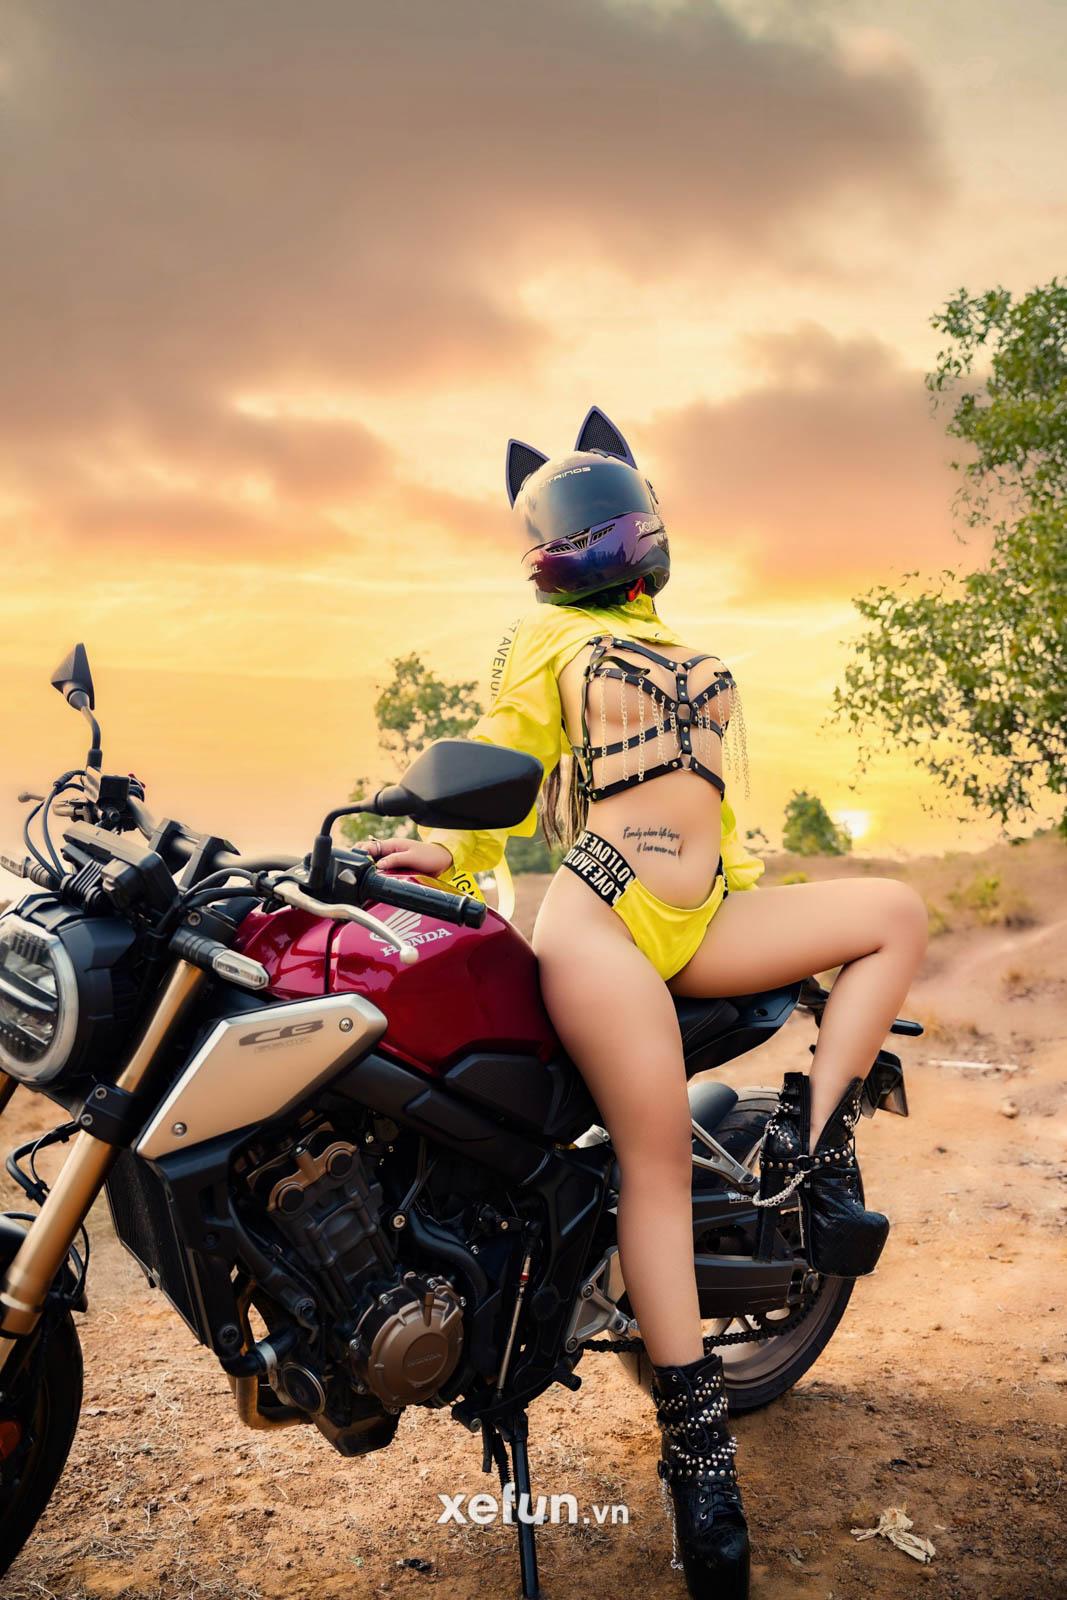 Cực sốc với bộ ảnh táo bạo của hot girl Triệu An bên chiến binh Honda CB650R trên Xefun (2)34t4